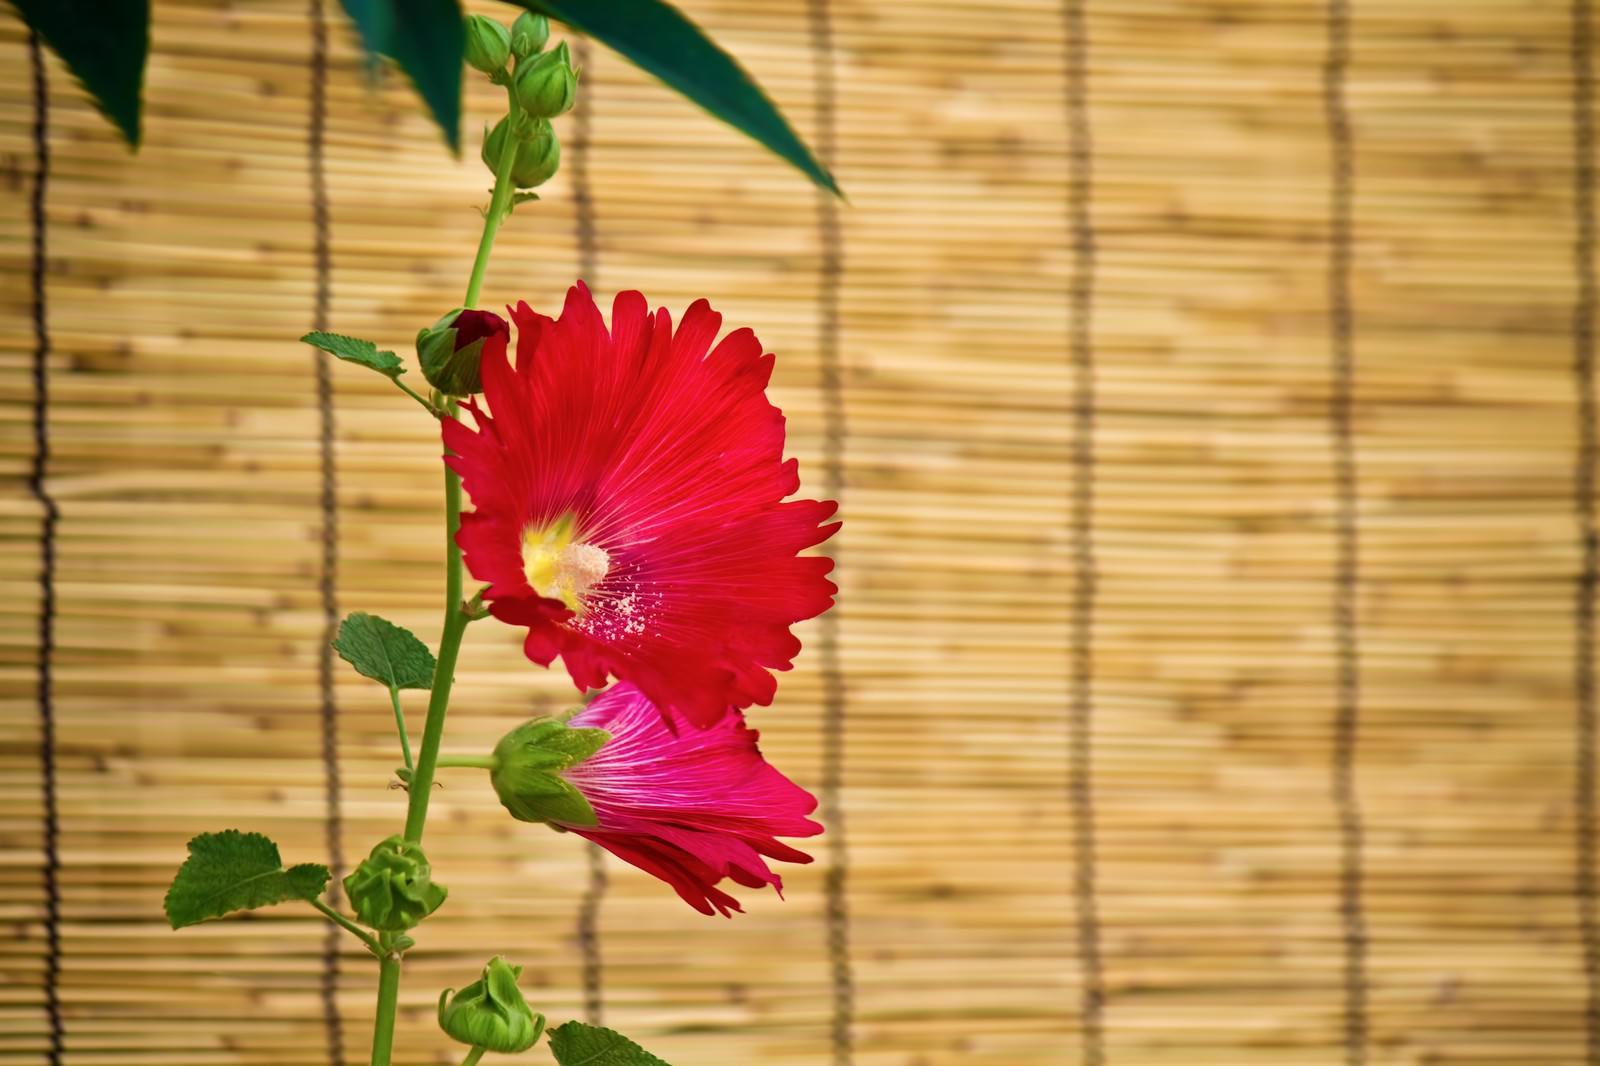 「すだれと赤い花」の写真